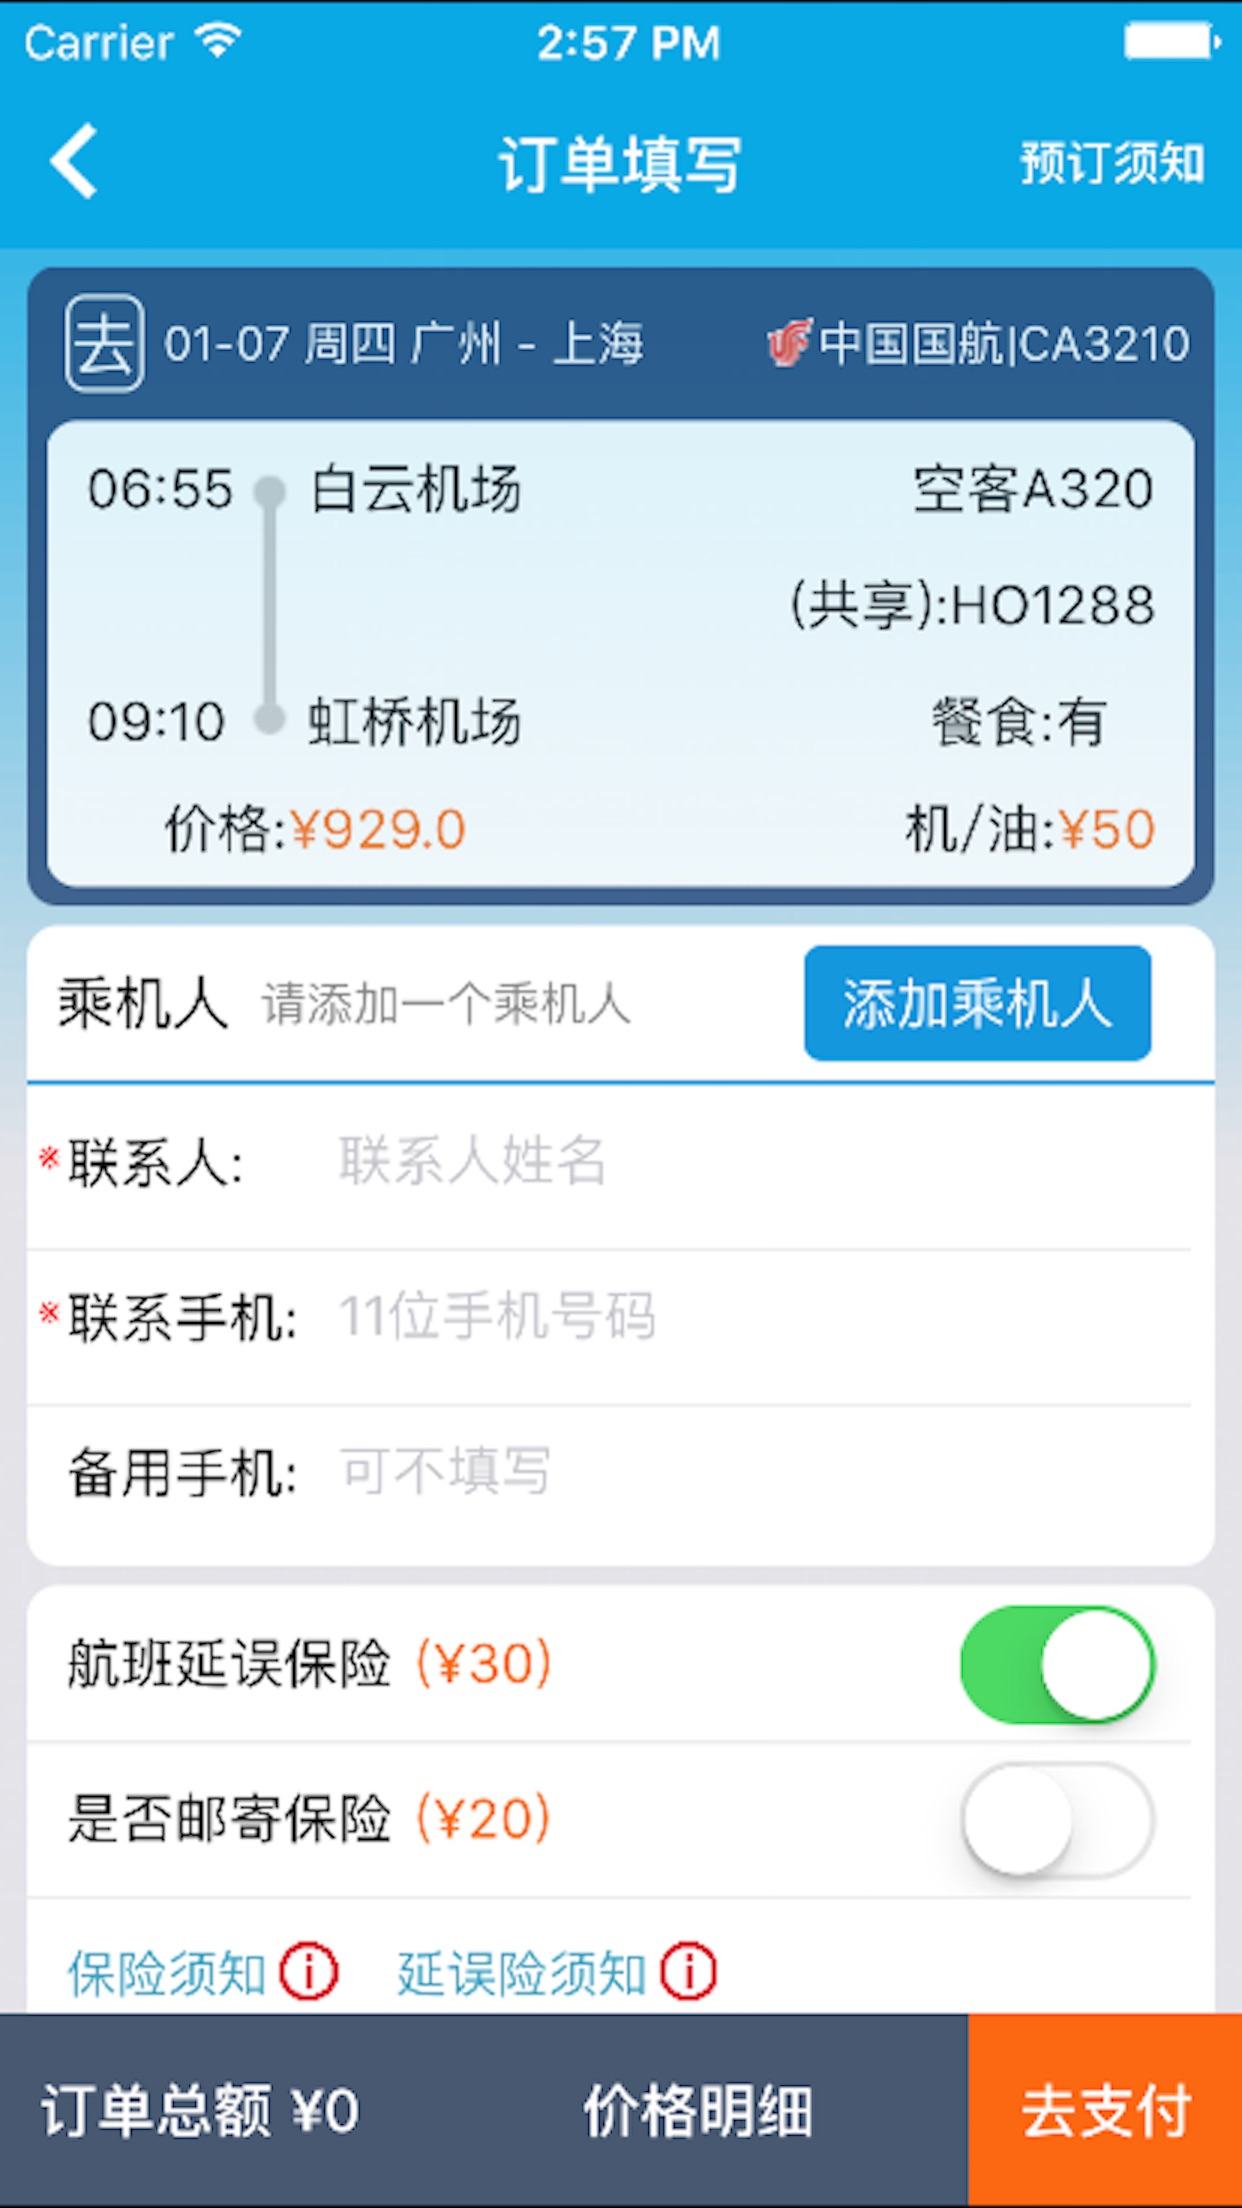 民宿之家-全球民宿酒店客栈预订搜索网 Screenshot